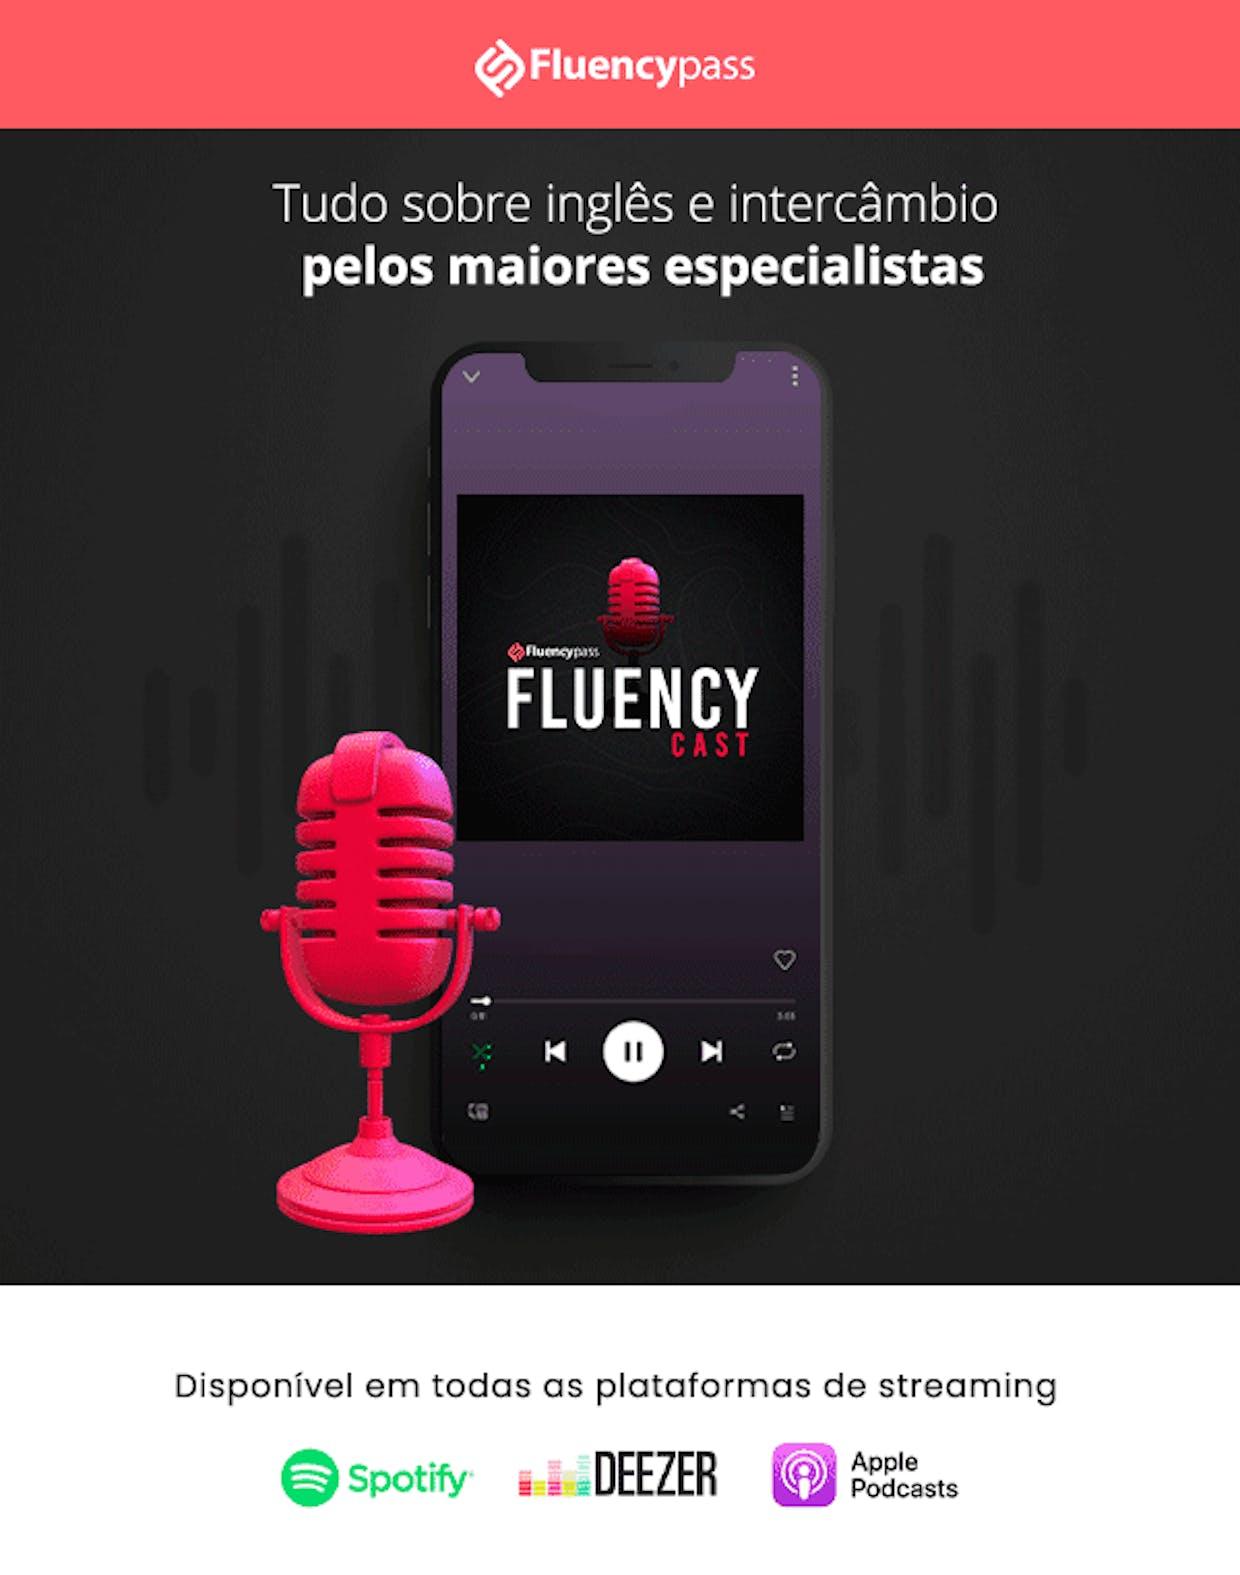 Fluencycast